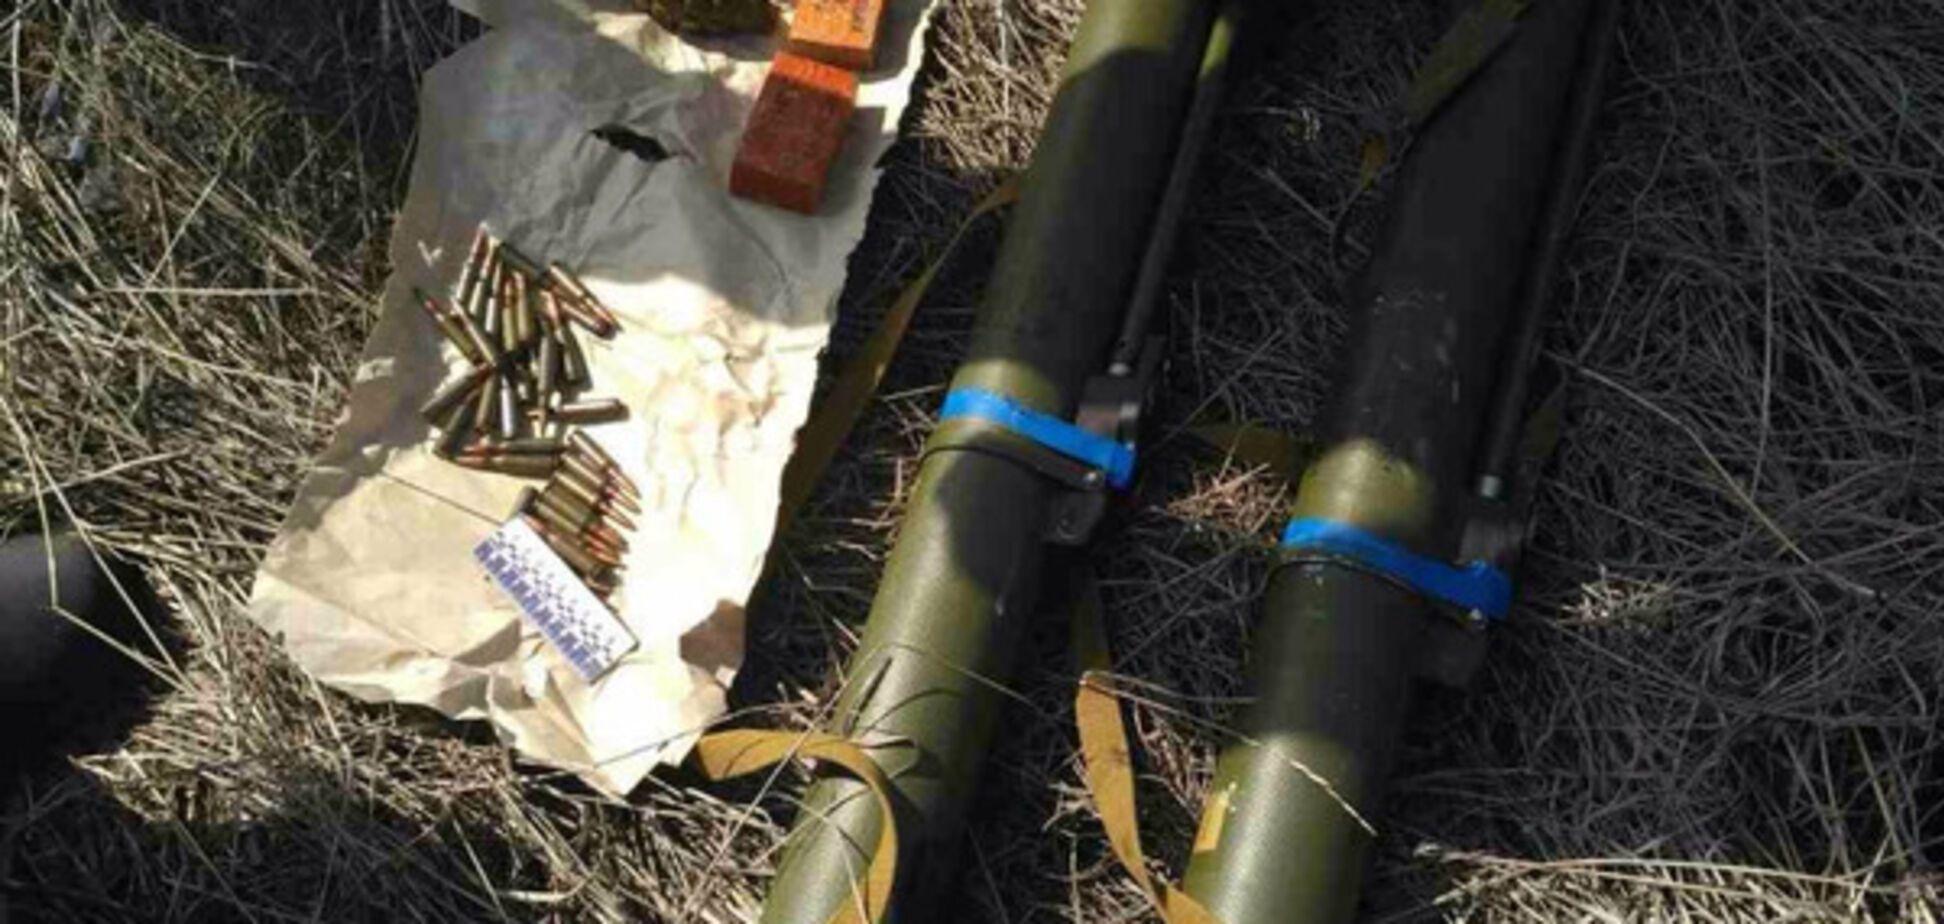 В Запорожской области обнаружили тайник со взрывчаткой (ФОТО)